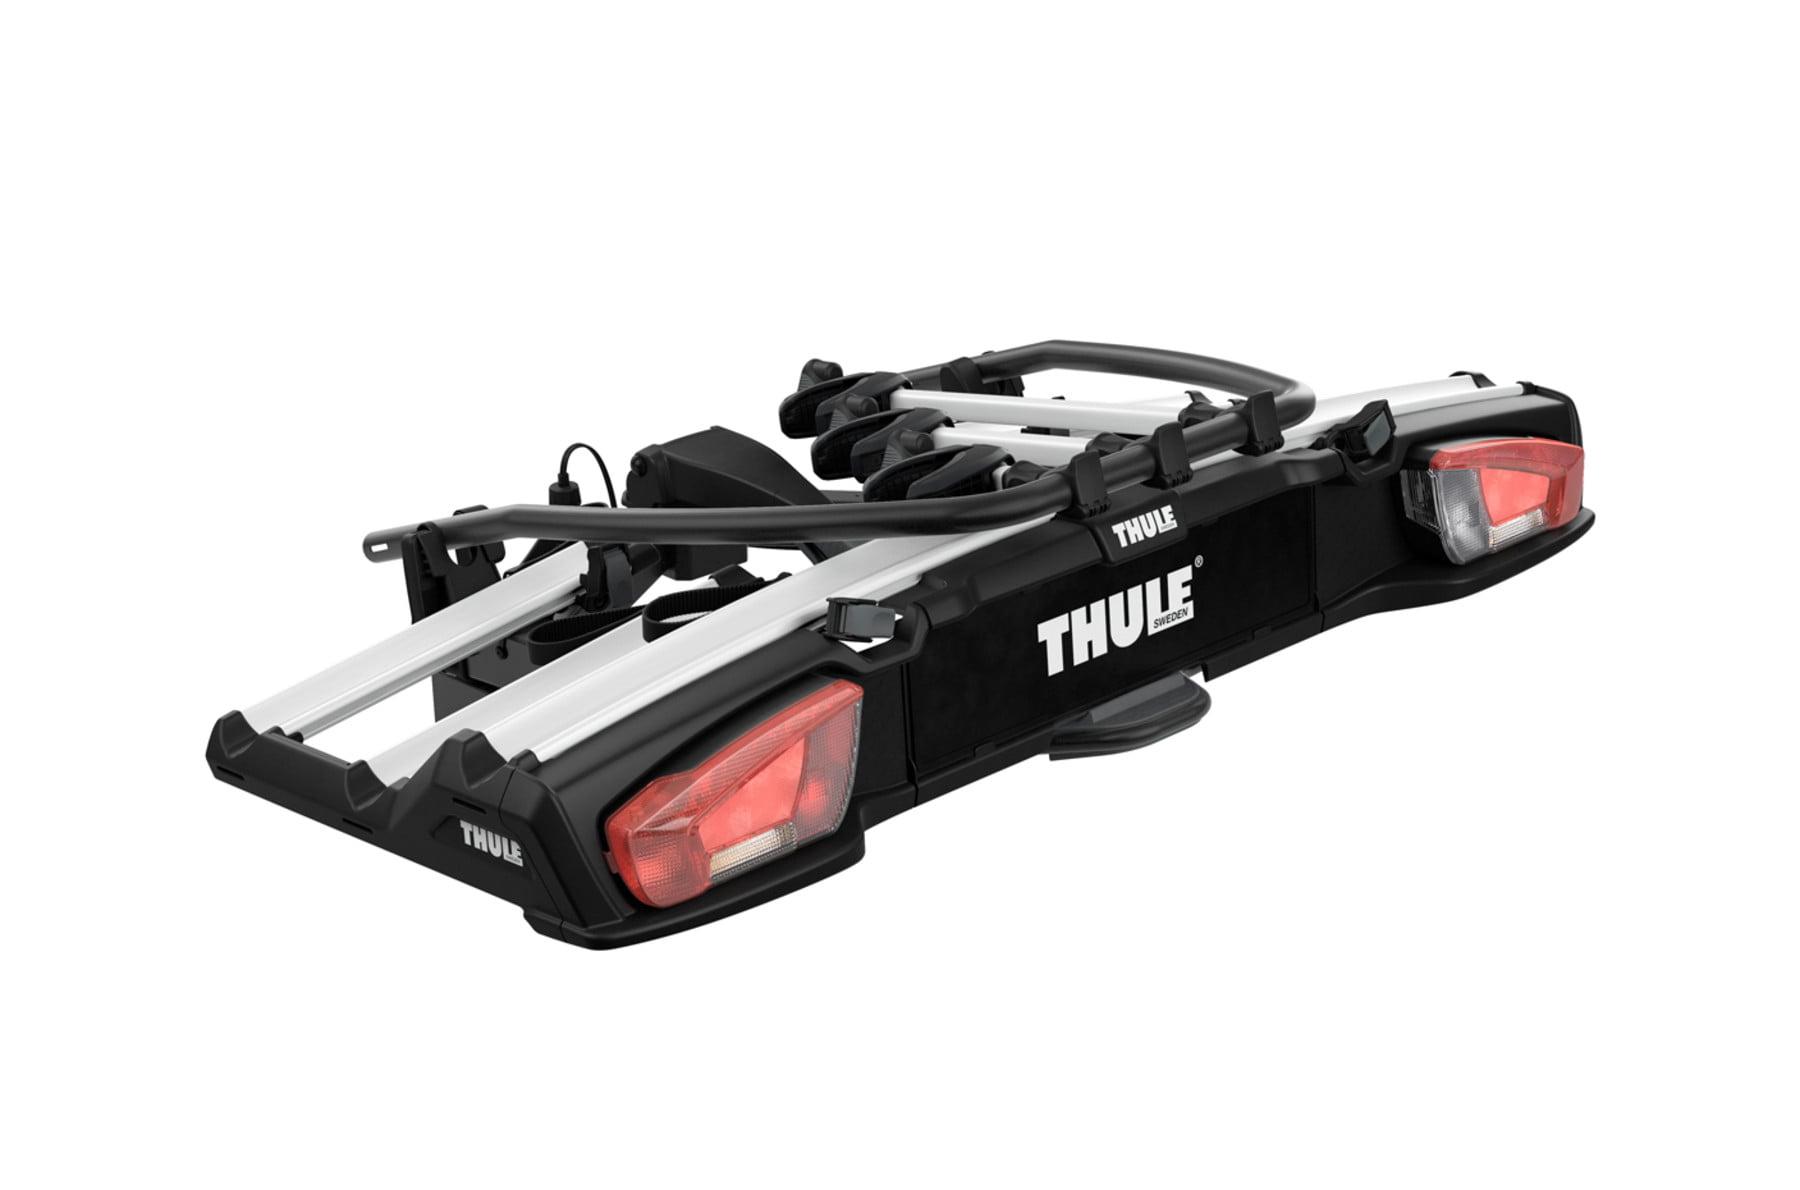 Suport pentru 3 biciclete Thule VeloSpace 939 XT3 cu prindere pe carligul de remorcare 9